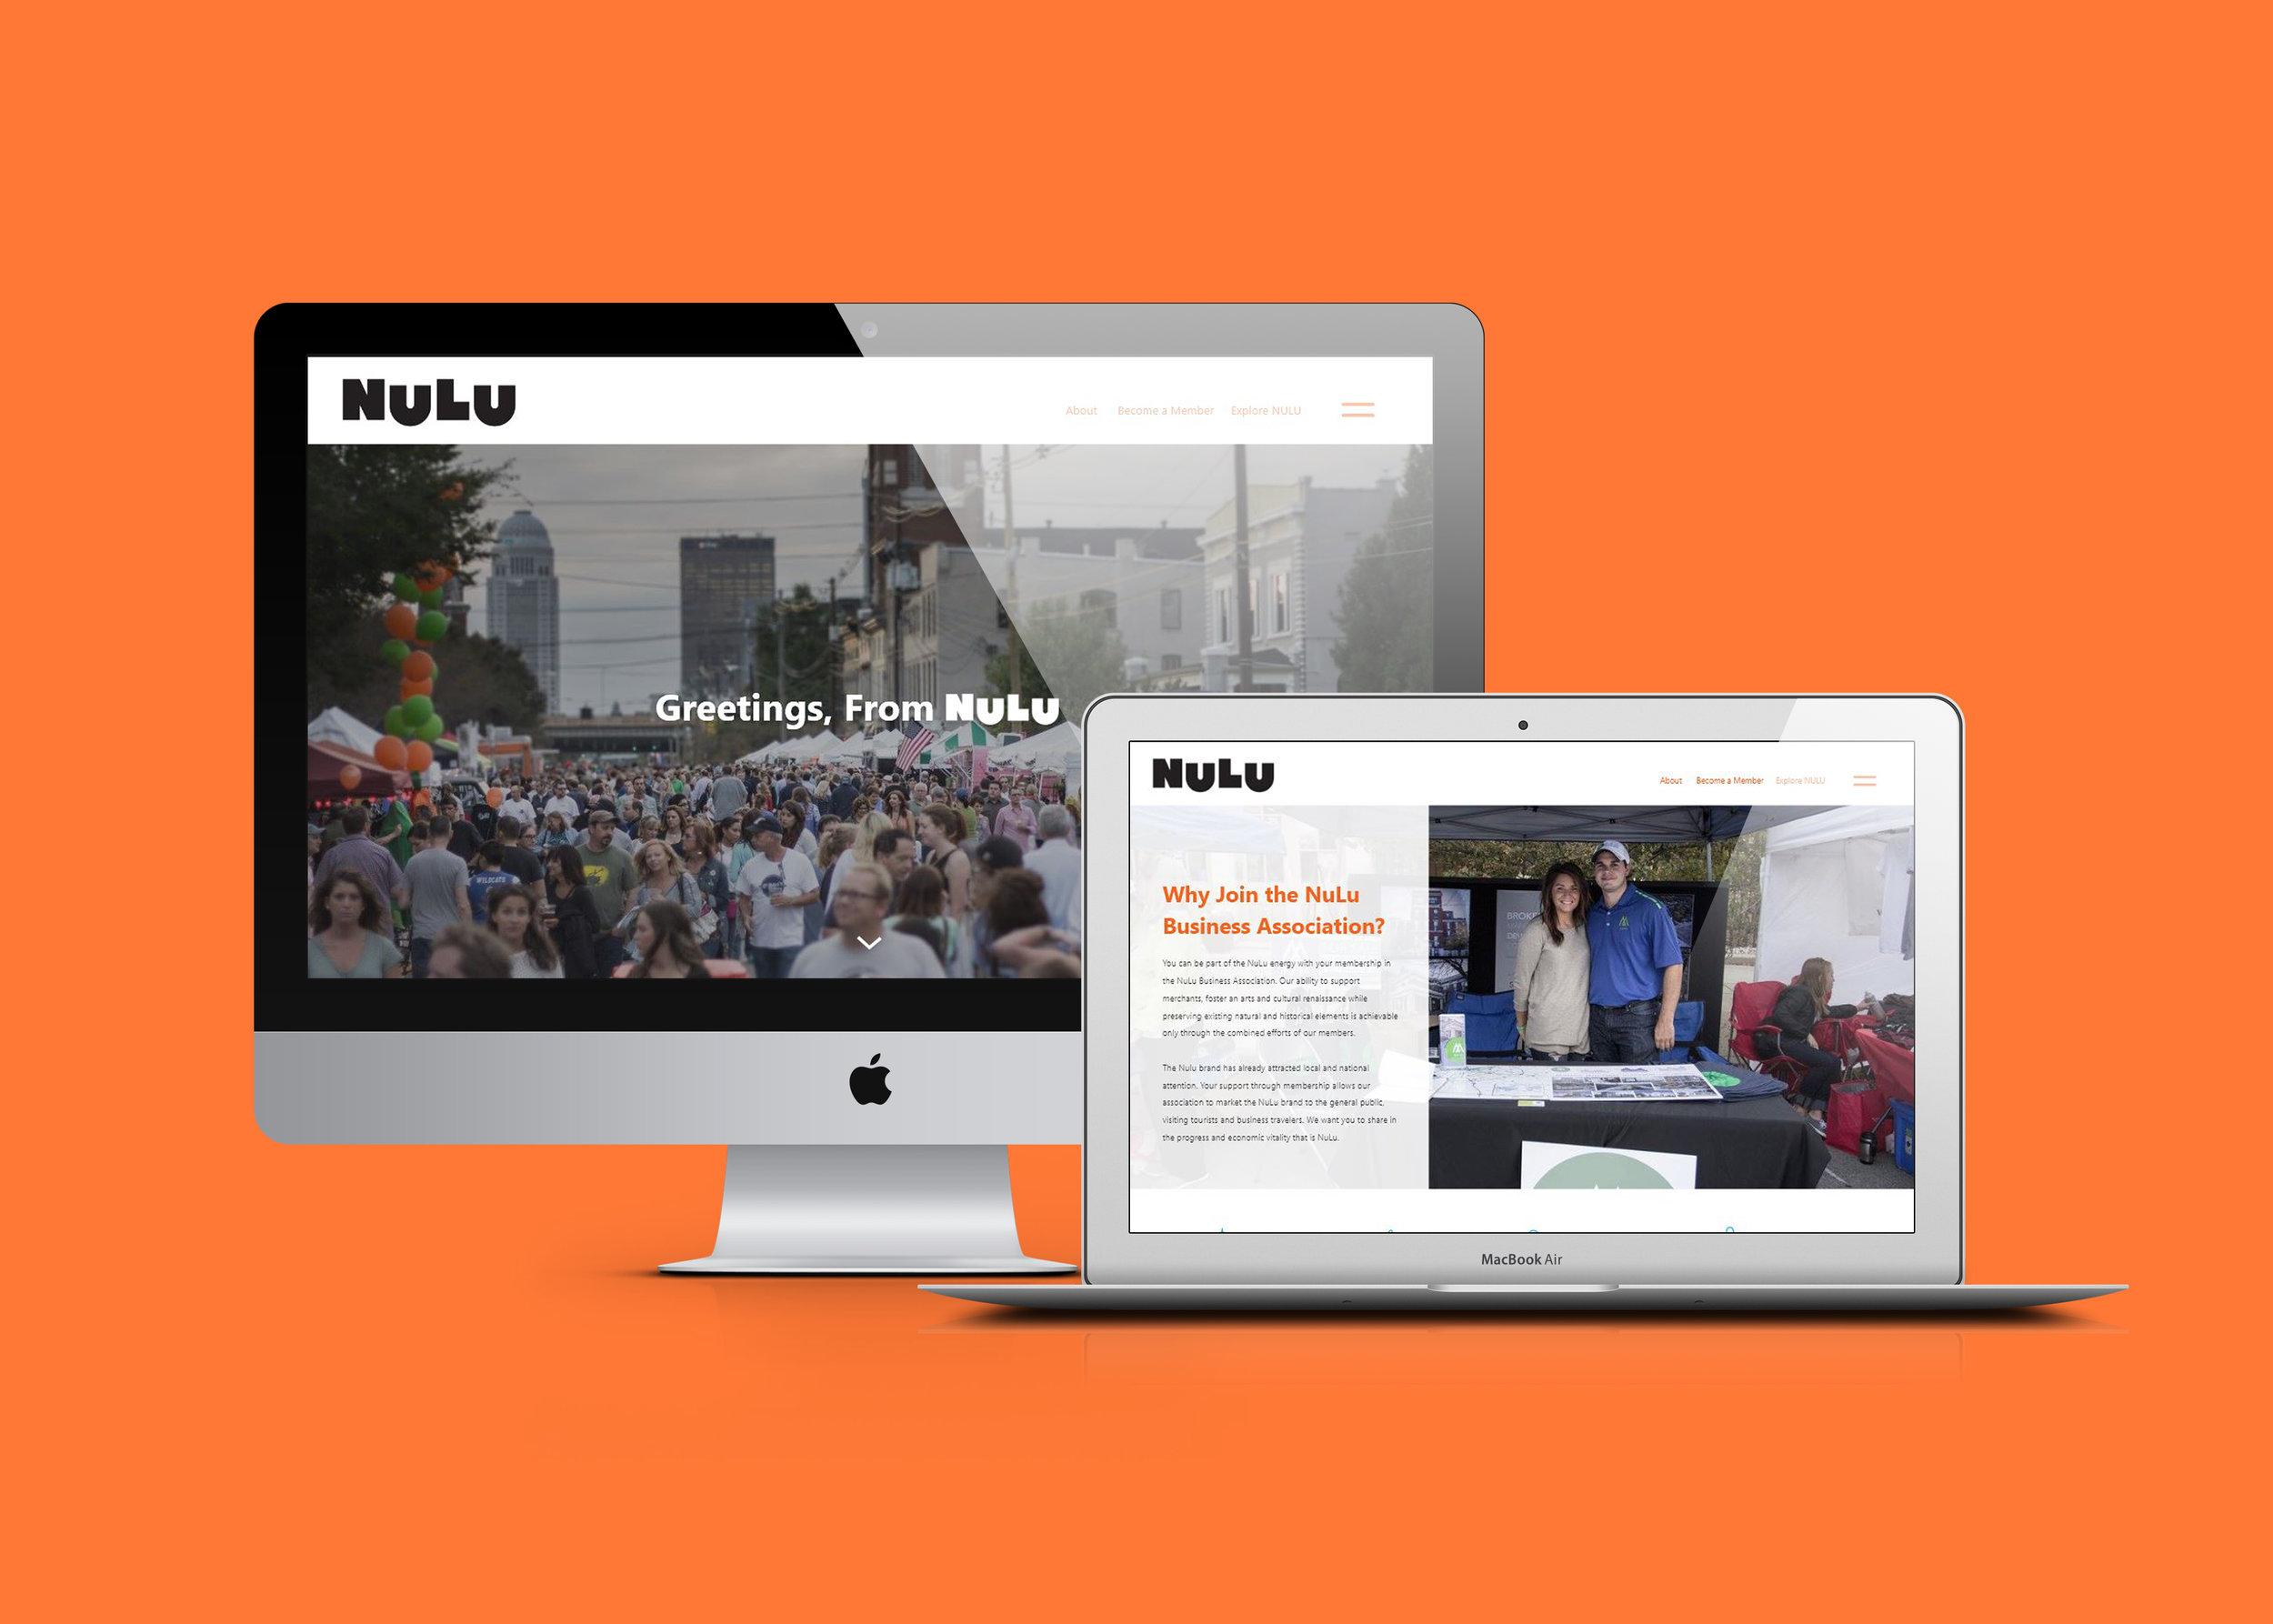 NULU_Mockup.jpg